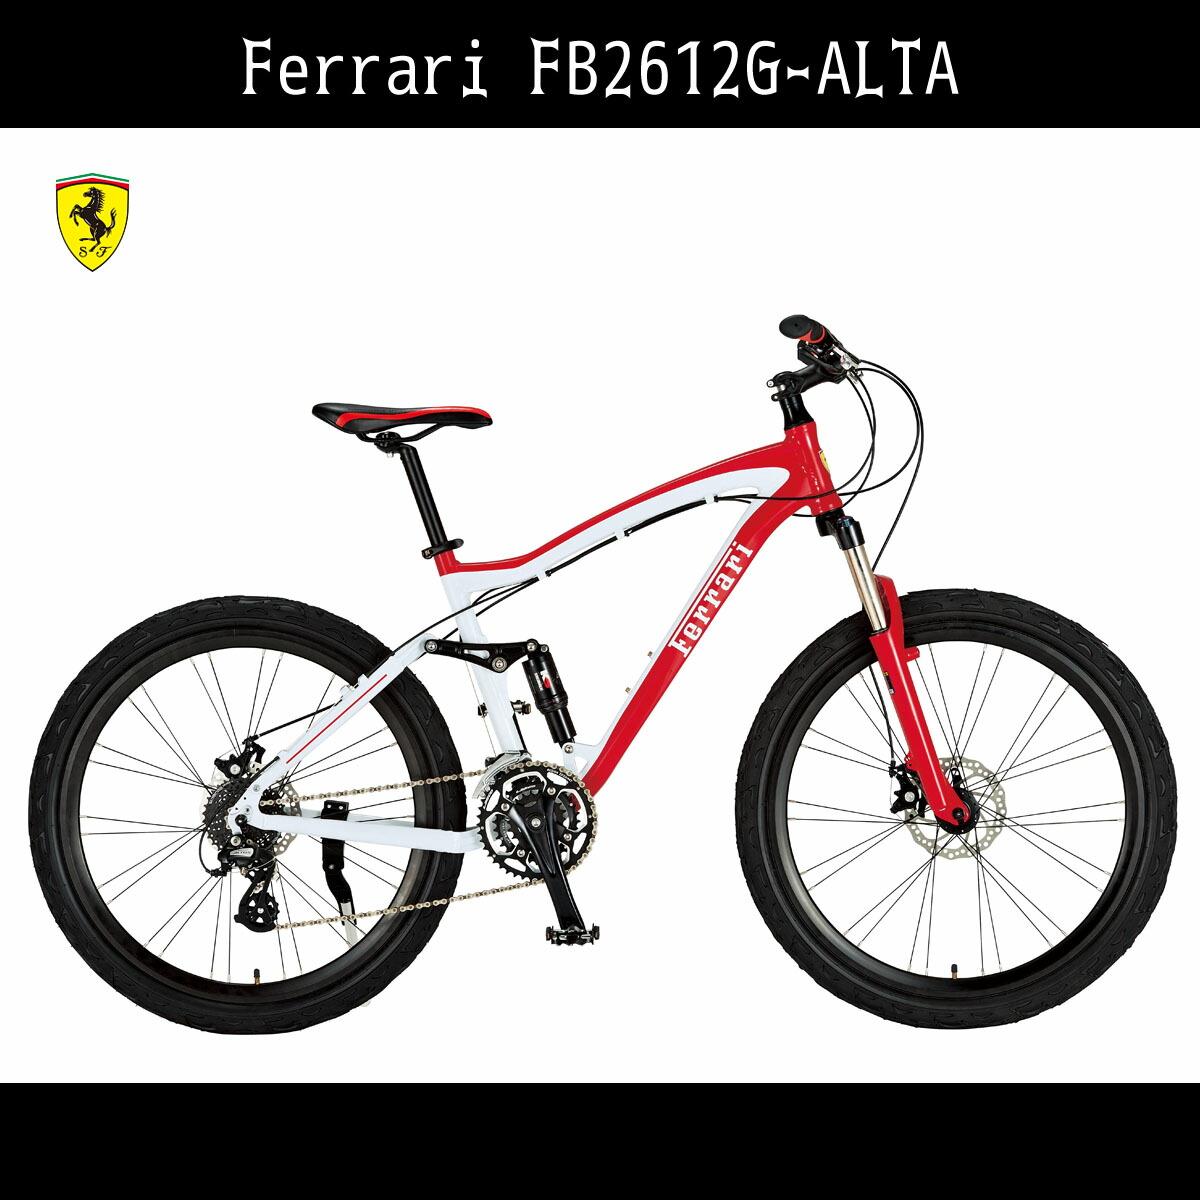 マウンテンバイク フェラーリ Ferrari 自転車 自転車 レッド/赤26インチ マウンテンバイク 外装24段変速ギア 前後クイックレリーズハブ フェラーリ FB2612G-ALTA アルミニウム